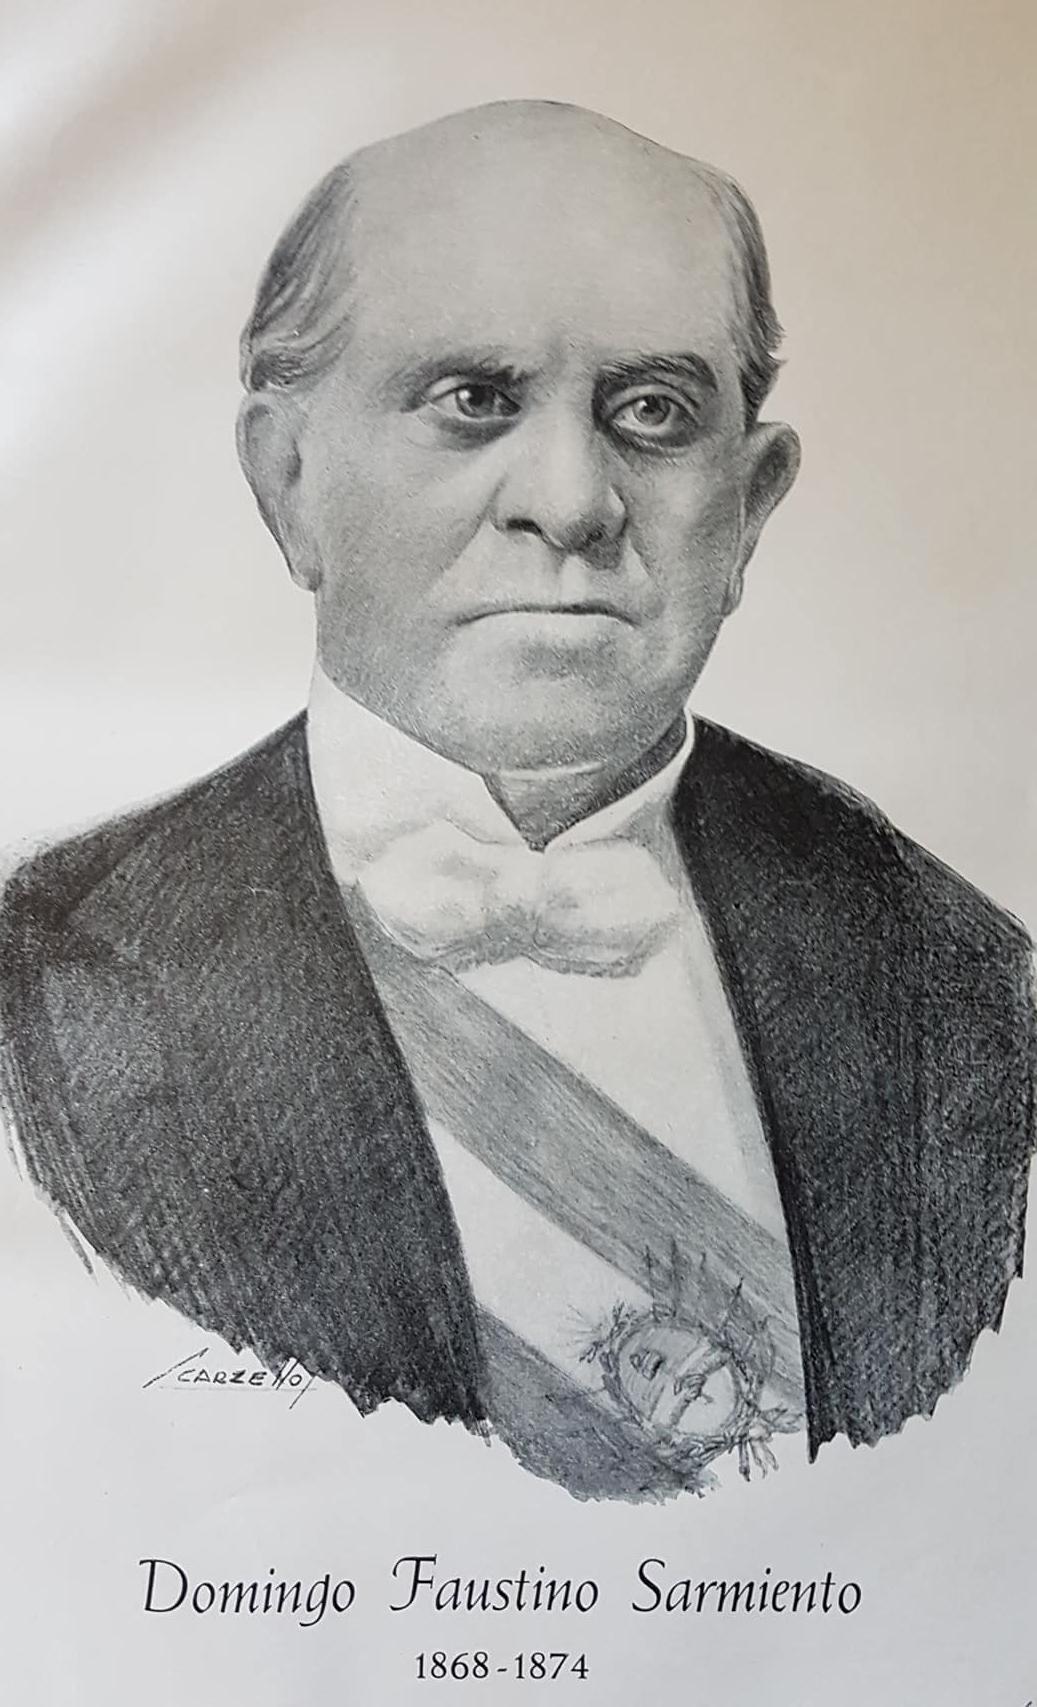 El Sesquicentenario, del célebre discurso de Domingo Faustino Sarmiento, en Chivilcoy, el sábado 3 de octubre de 1868.